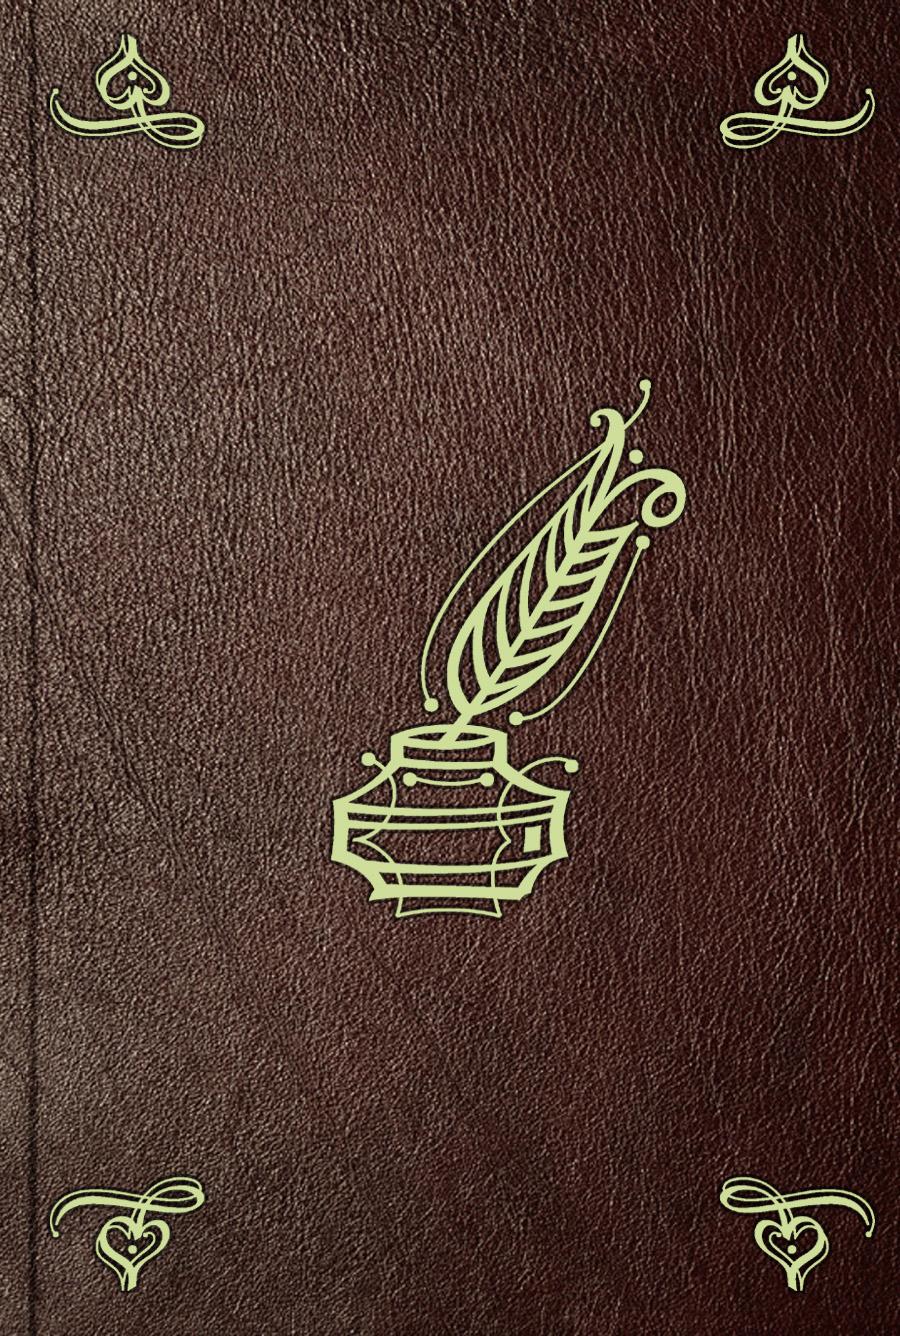 Эрнст Гофман E. T. A. Hoffmann's Ausgewählte Schriften Bd. 1 christian jacob kraus vermischte schriften über staatswirtschaftliche philosophische und andere gegenstände bd 4 t 2